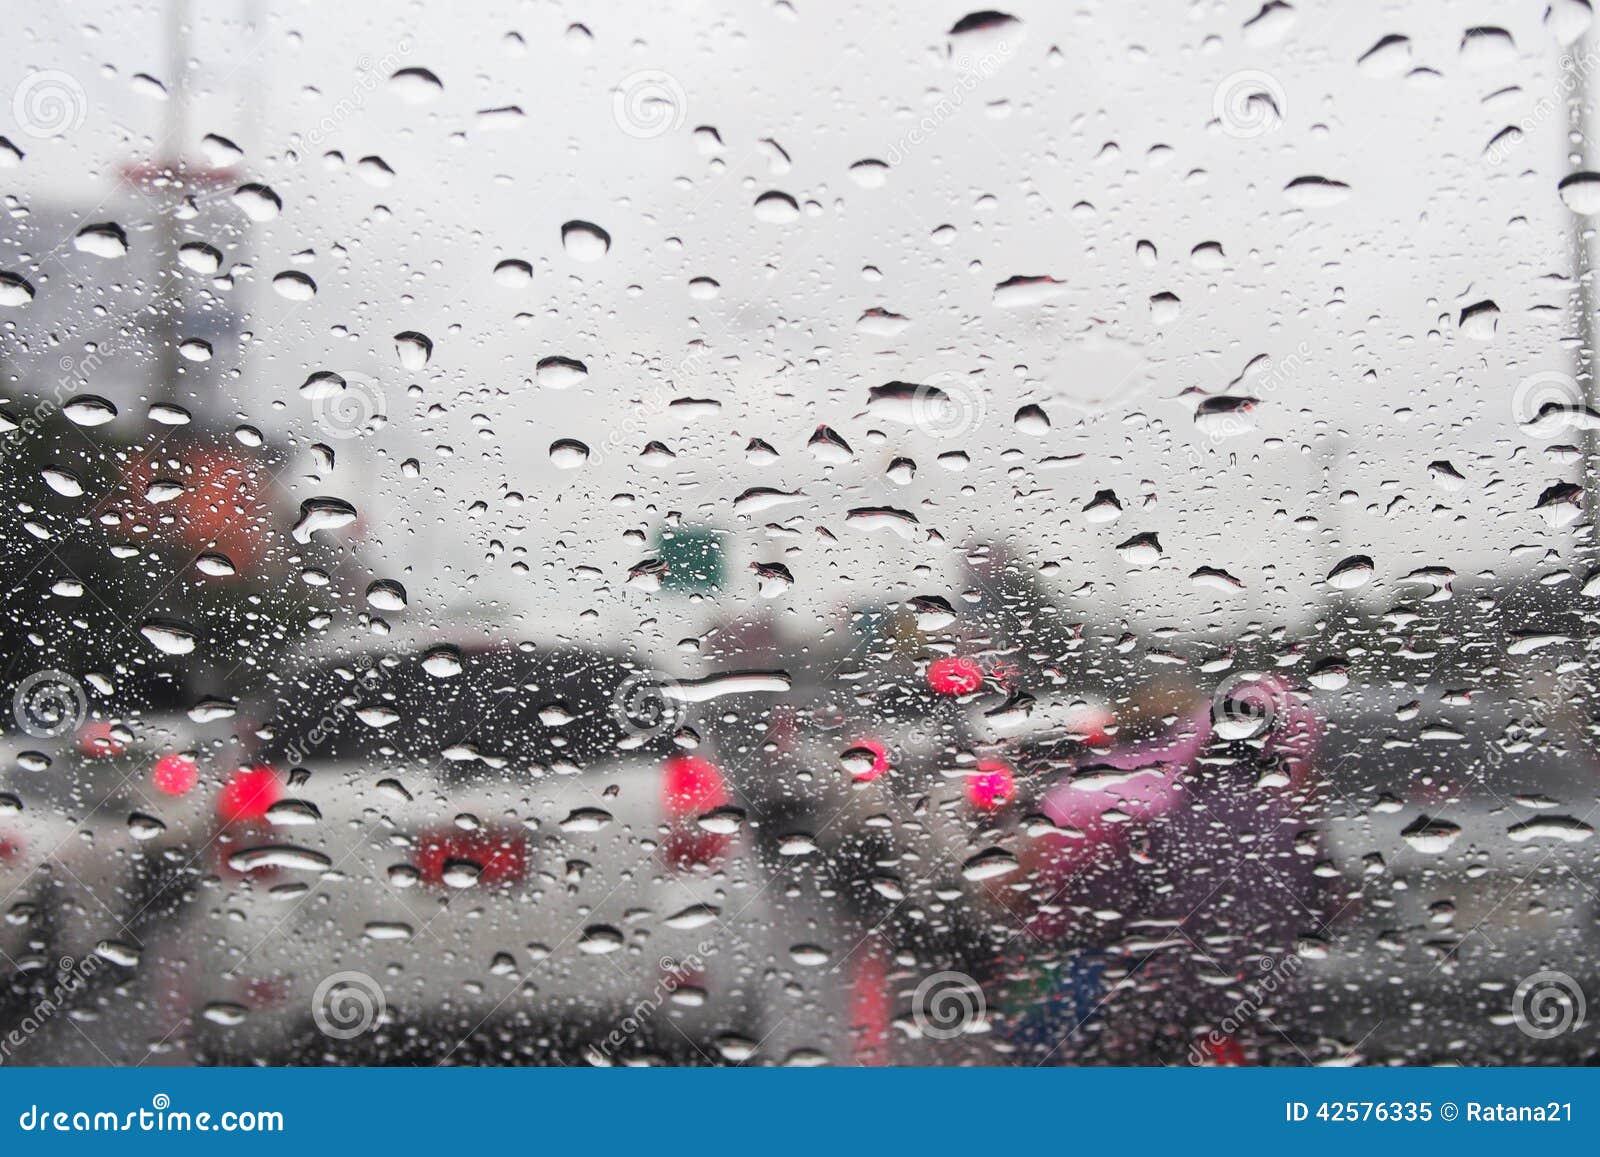 goutte de pluie sur le pare brise photo stock image 42576335. Black Bedroom Furniture Sets. Home Design Ideas